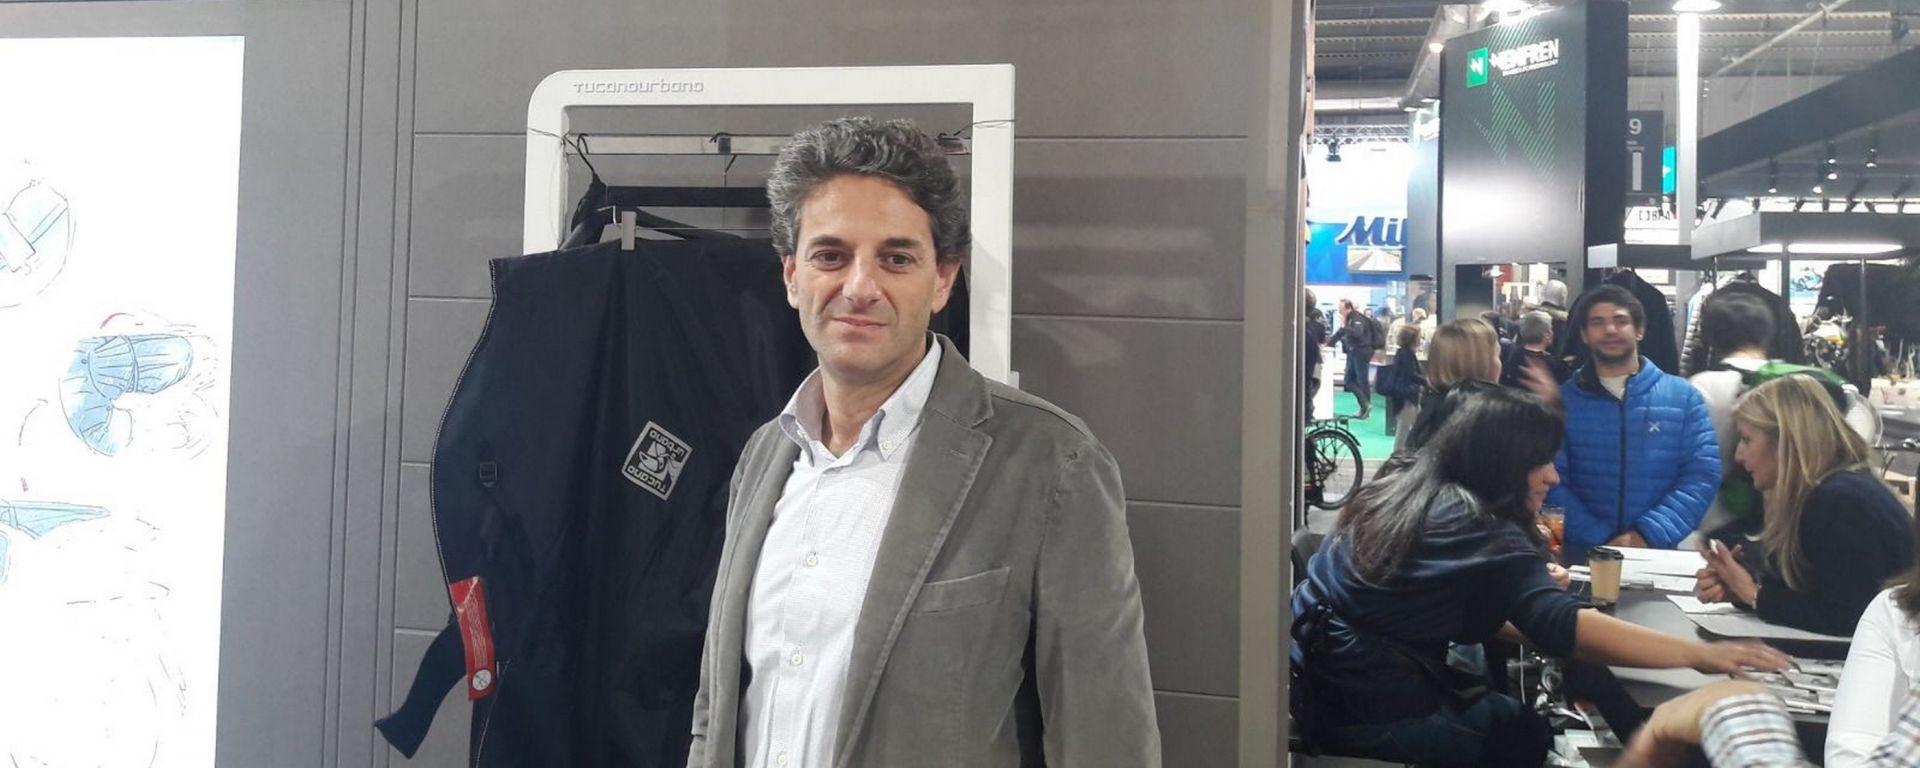 Diego Sgorbati Amministratore Delegato Tucano Urbano